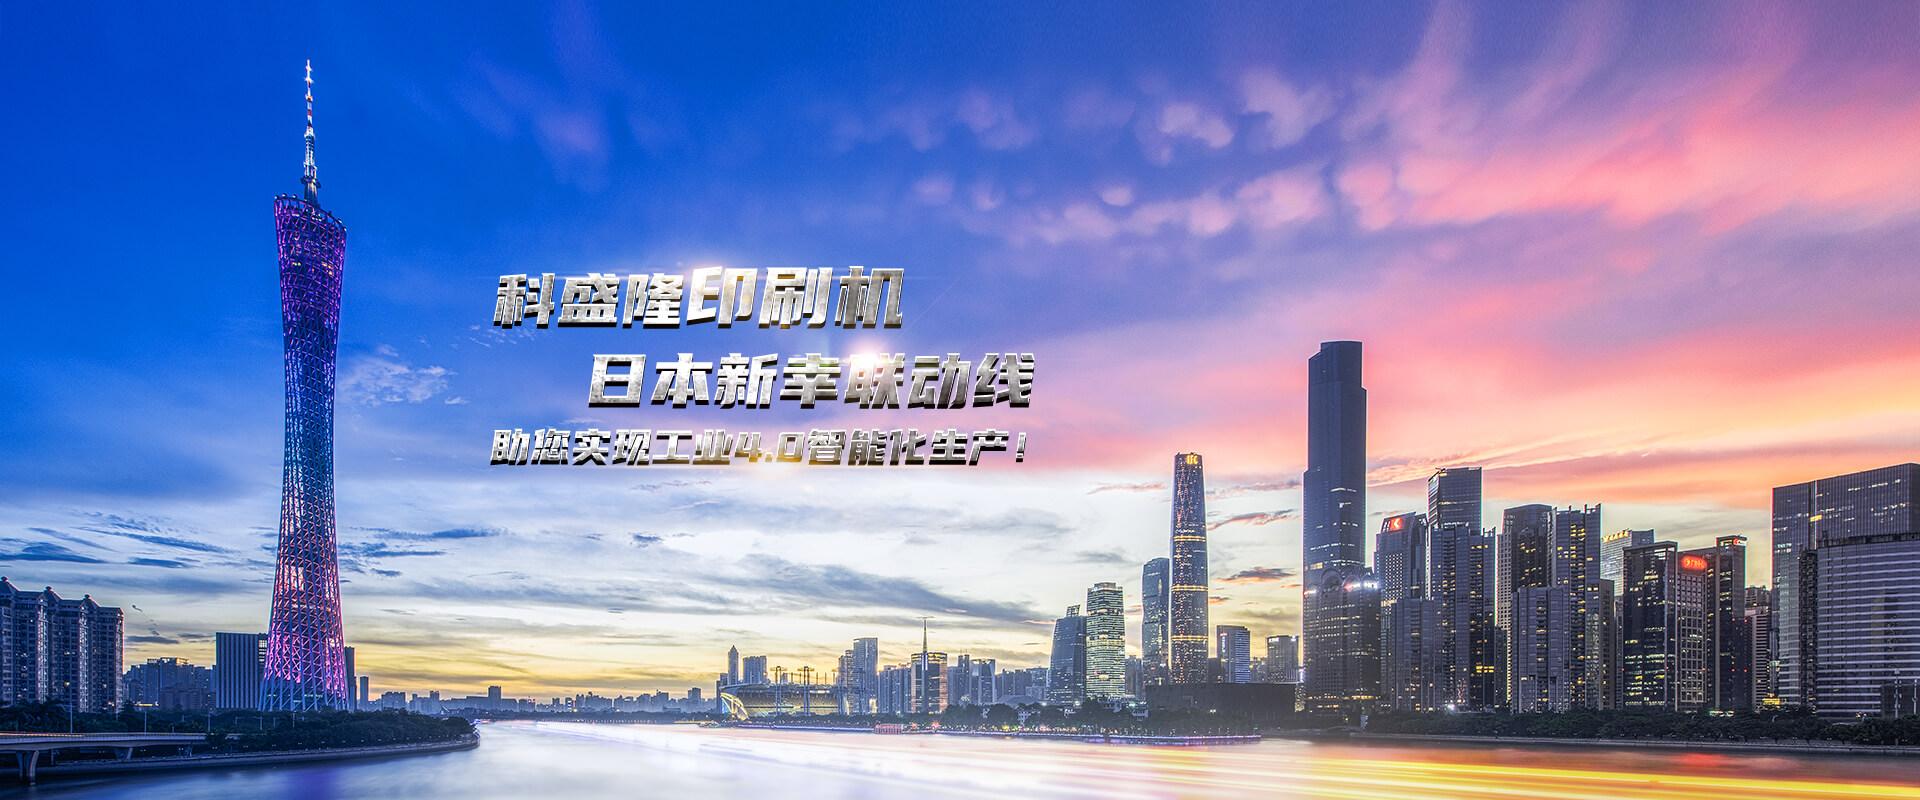 广州科盛隆纸箱包装机械有限公司